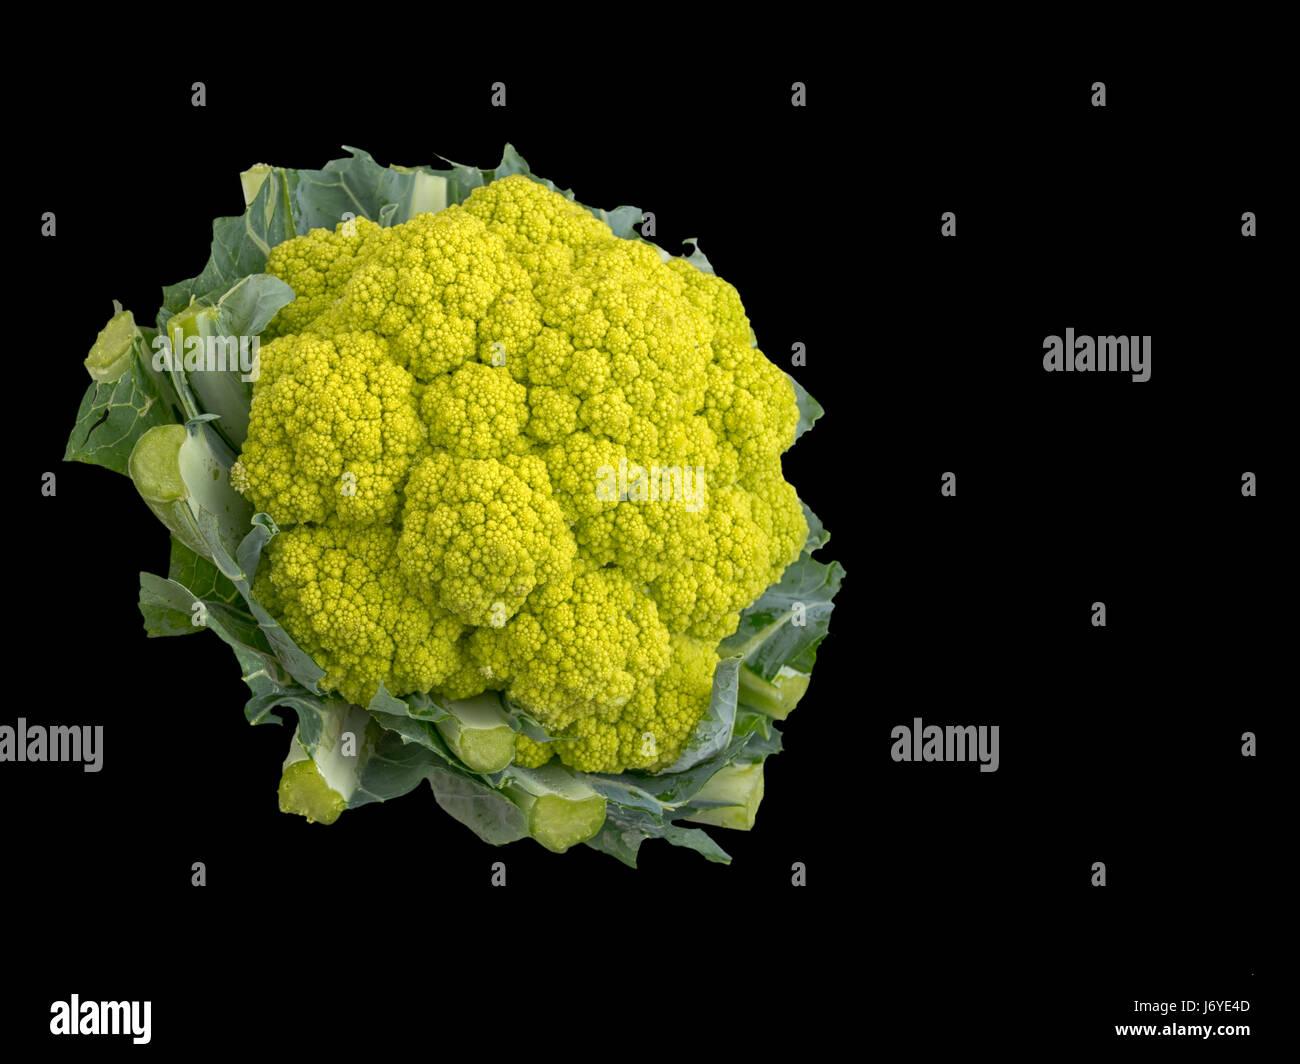 Chou-fleur vert. Légumes sain riche en vitamines, minéraux et micro nutriments. Photo Stock